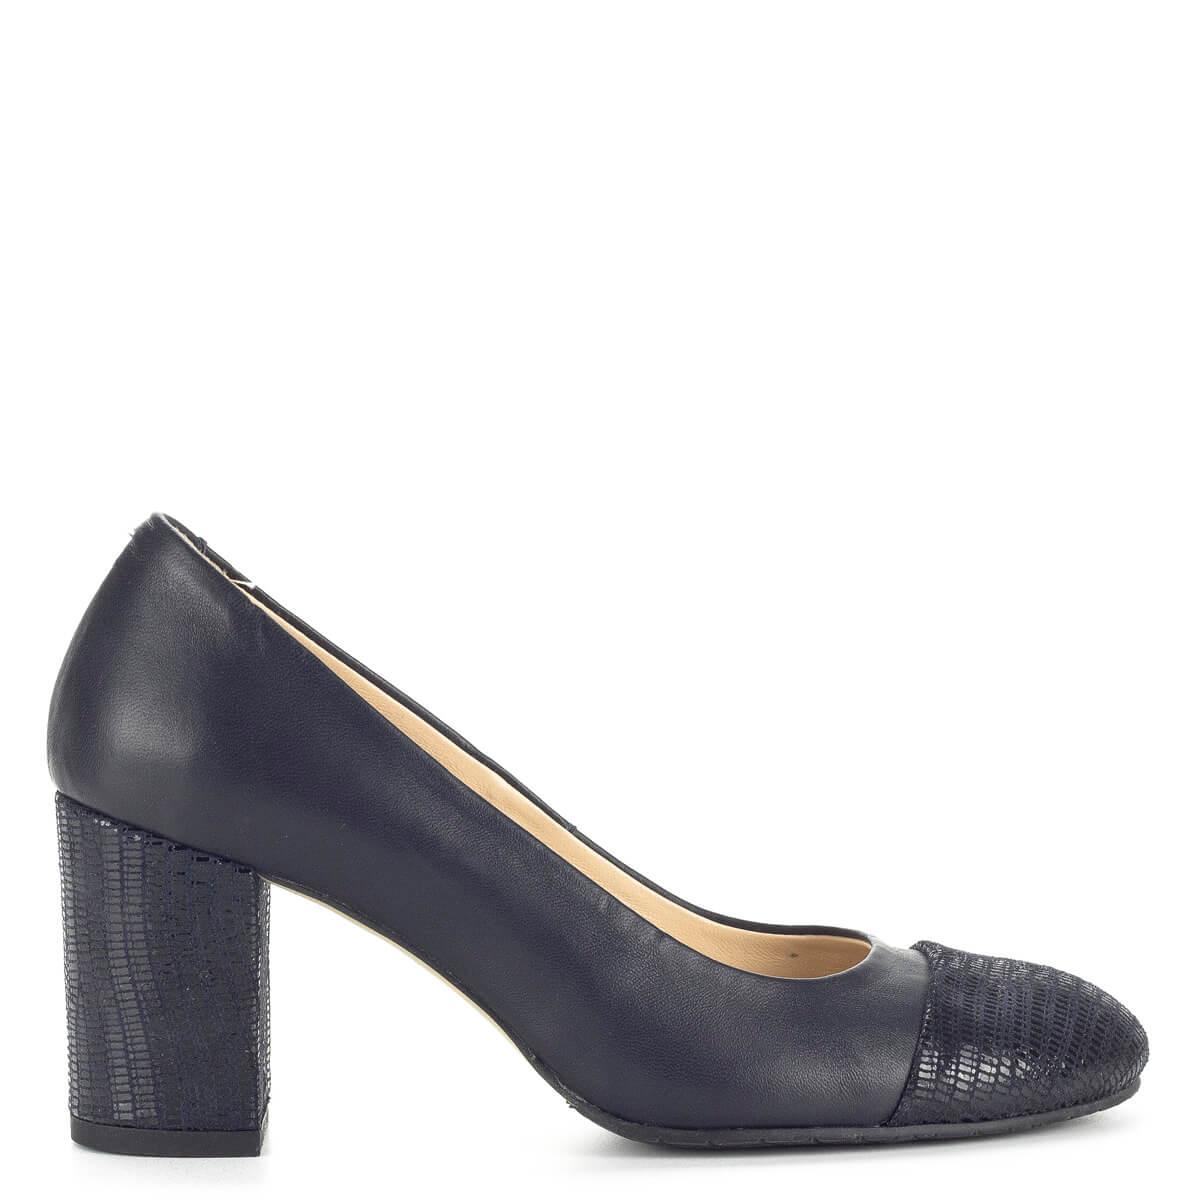 a01cc8cea7 ... Clarette kék magassarkú női cipő bőr béléssel és bőr felsőrésszel.  Csinos, elegáns női cipő ...